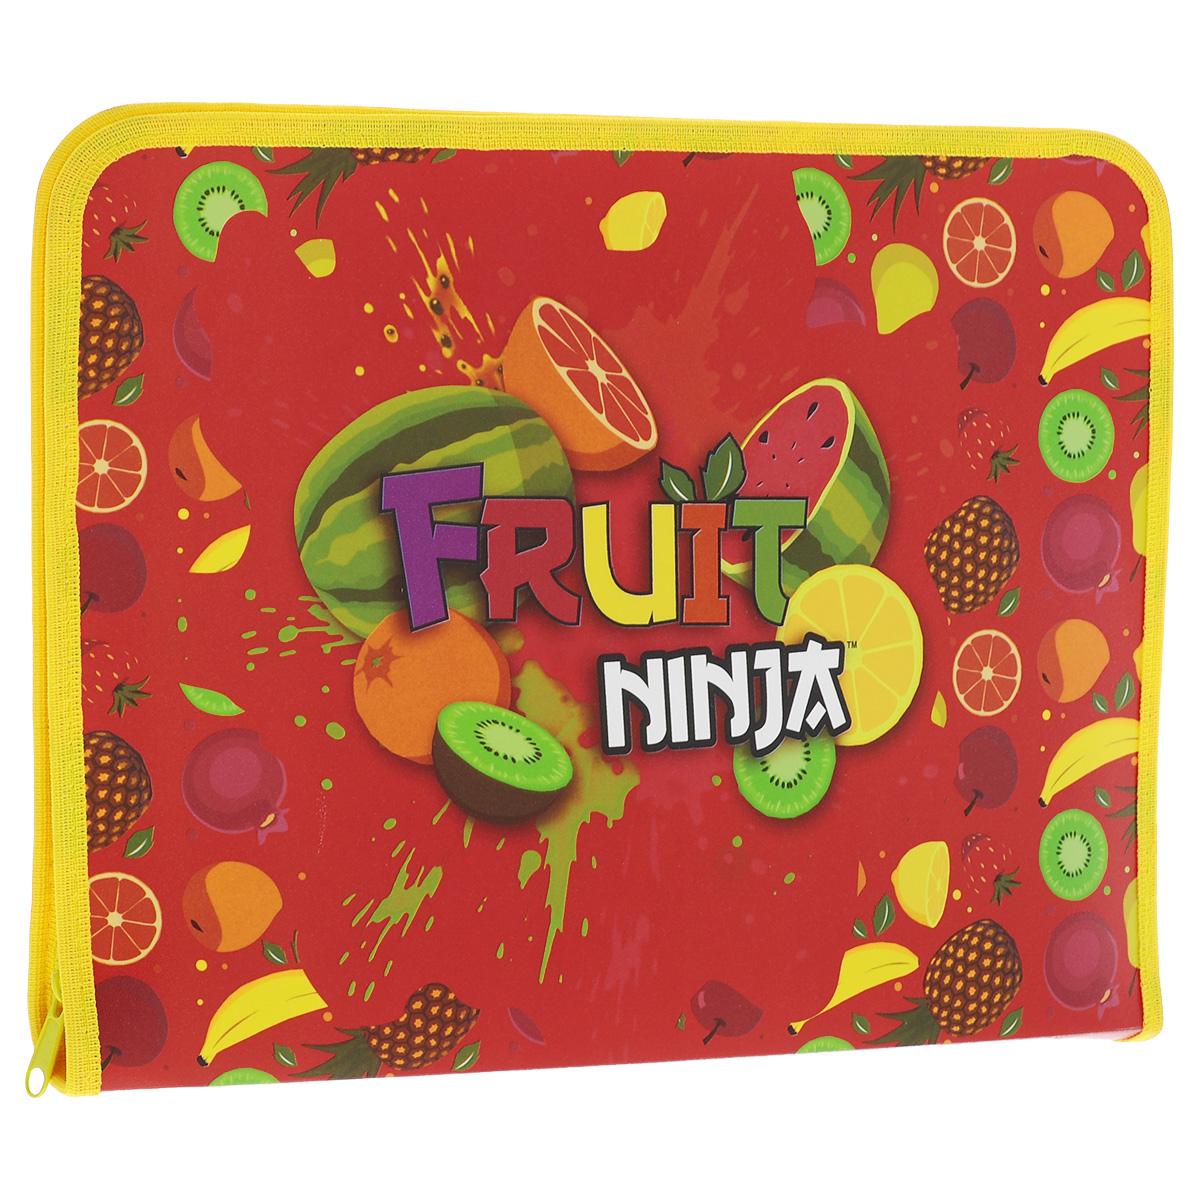 Папка для труда Action! Fruit Ninja, цвет: красный, желтыйFN-FZA4-L_красный, желтыйПапка для труда Action! Fruit Ninja предназначена для хранения тетрадей, рисунков и прочих бумаг формата А4, а также ручек, карандашей, ластиков и точилок. Папка оформлена ярким изображением различных фруктов. Внутри находится одно большое отделение с вкладышем, содержащим 18 фиксаторов для школьных принадлежностей. Закрывается папка на застежку-молнию. Яркая и удобная, такая папка непременно понравится вашему ребенку.